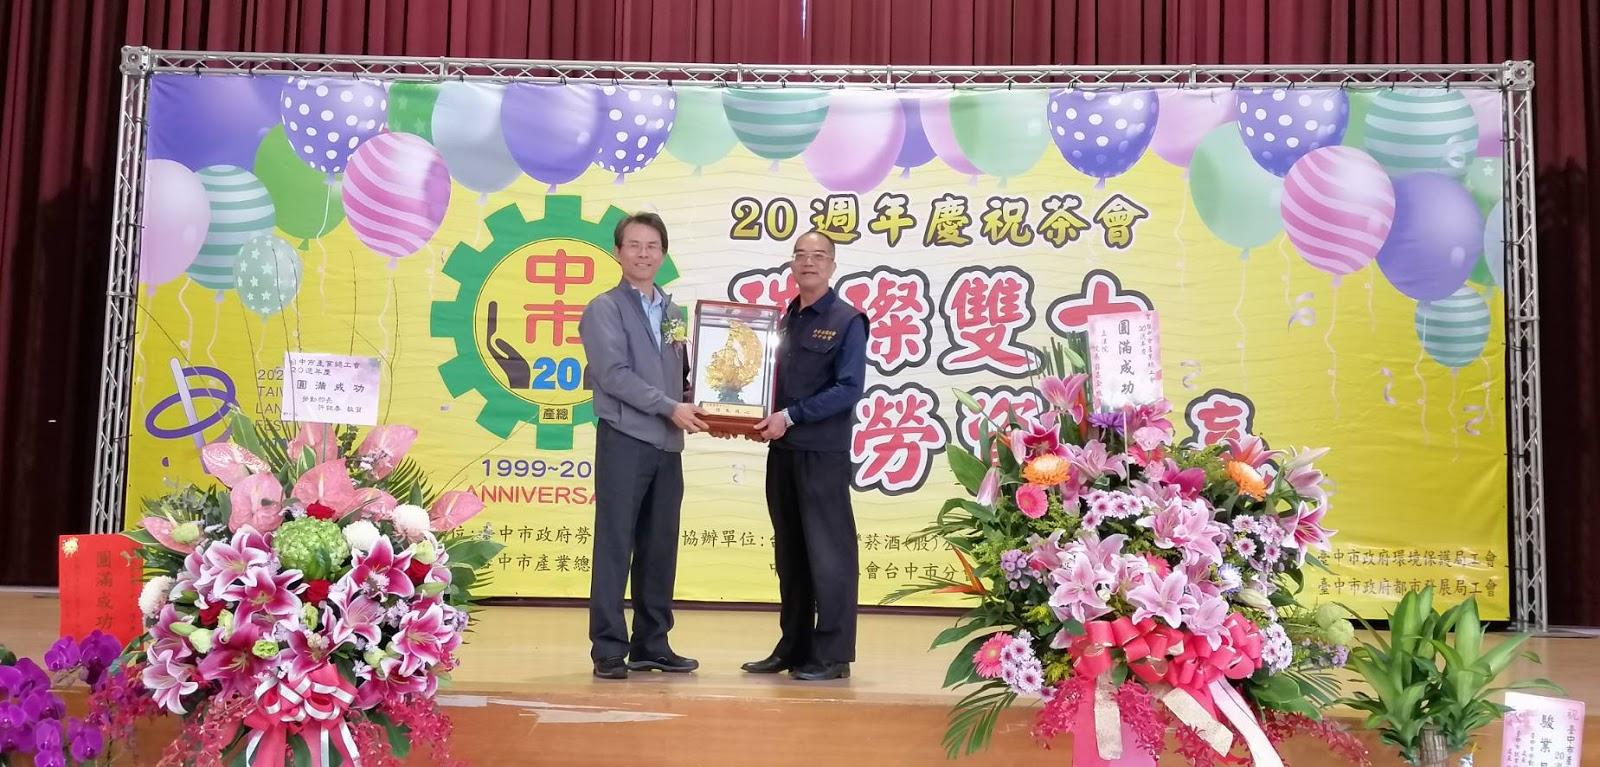 臺中市產業總工會創立20週年 勞工局感謝促進勞資和諧